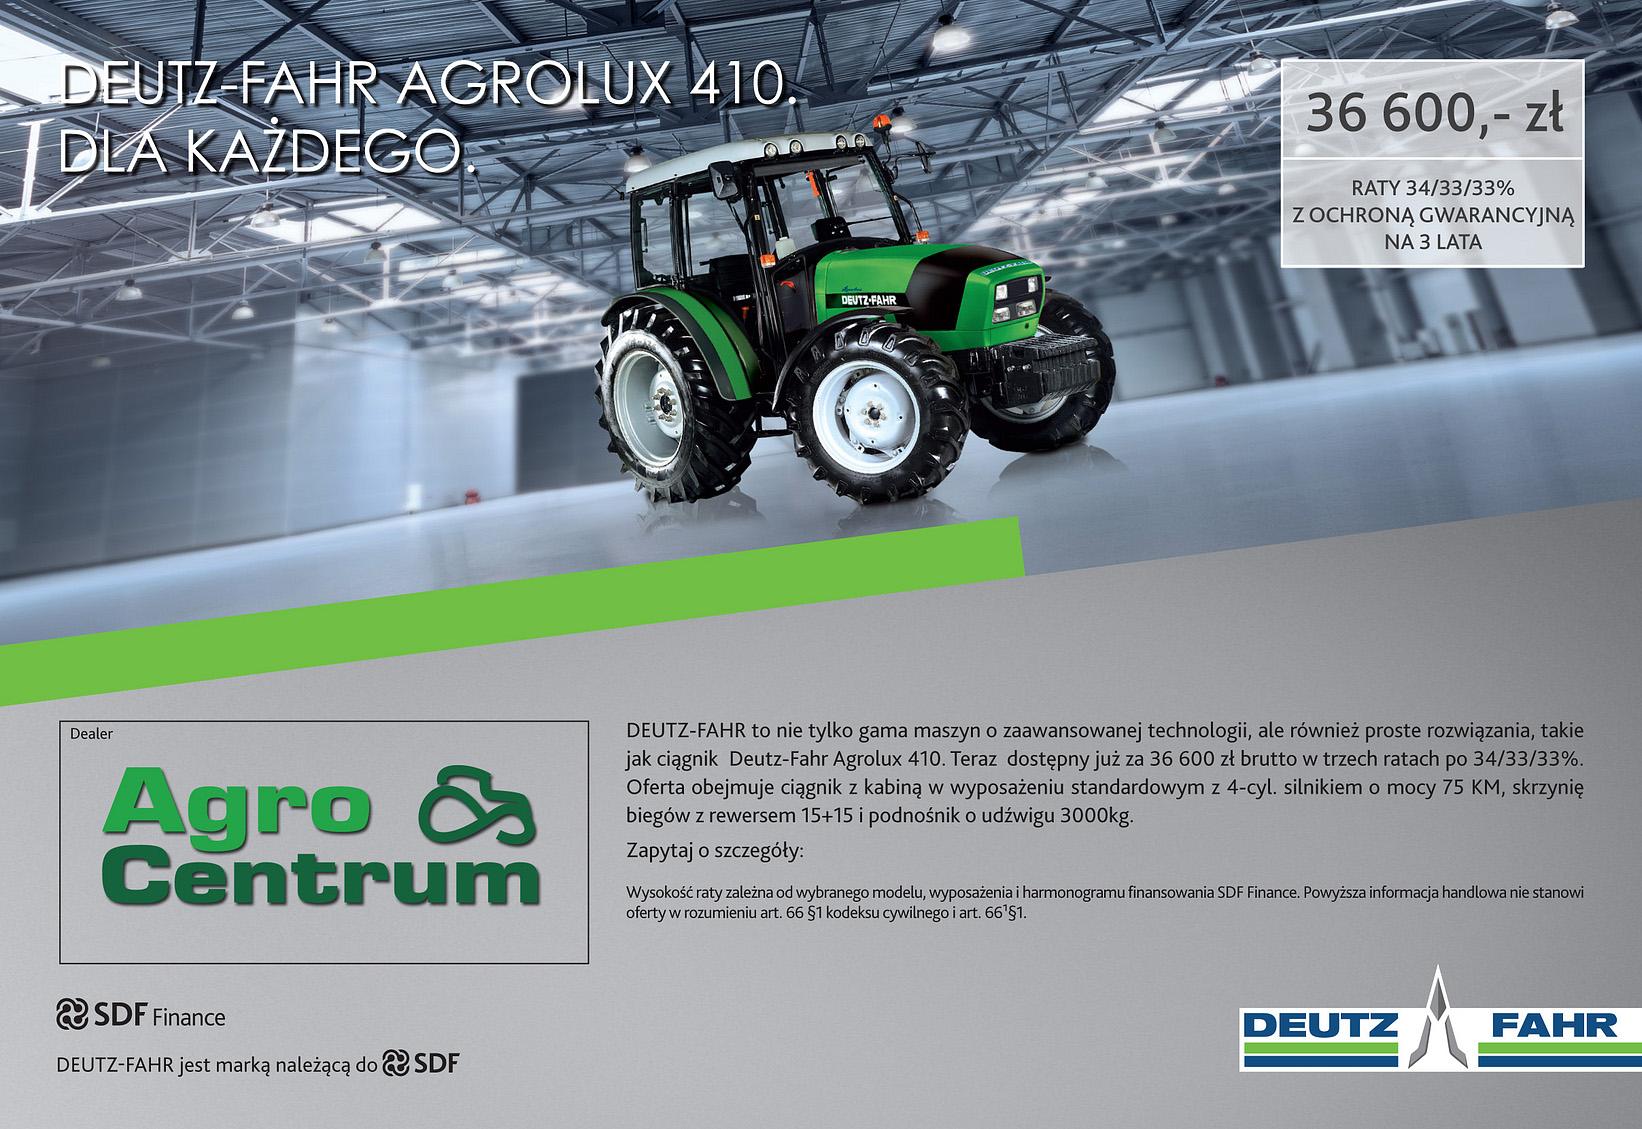 AGROLUX 410 DLA KAZDEGO